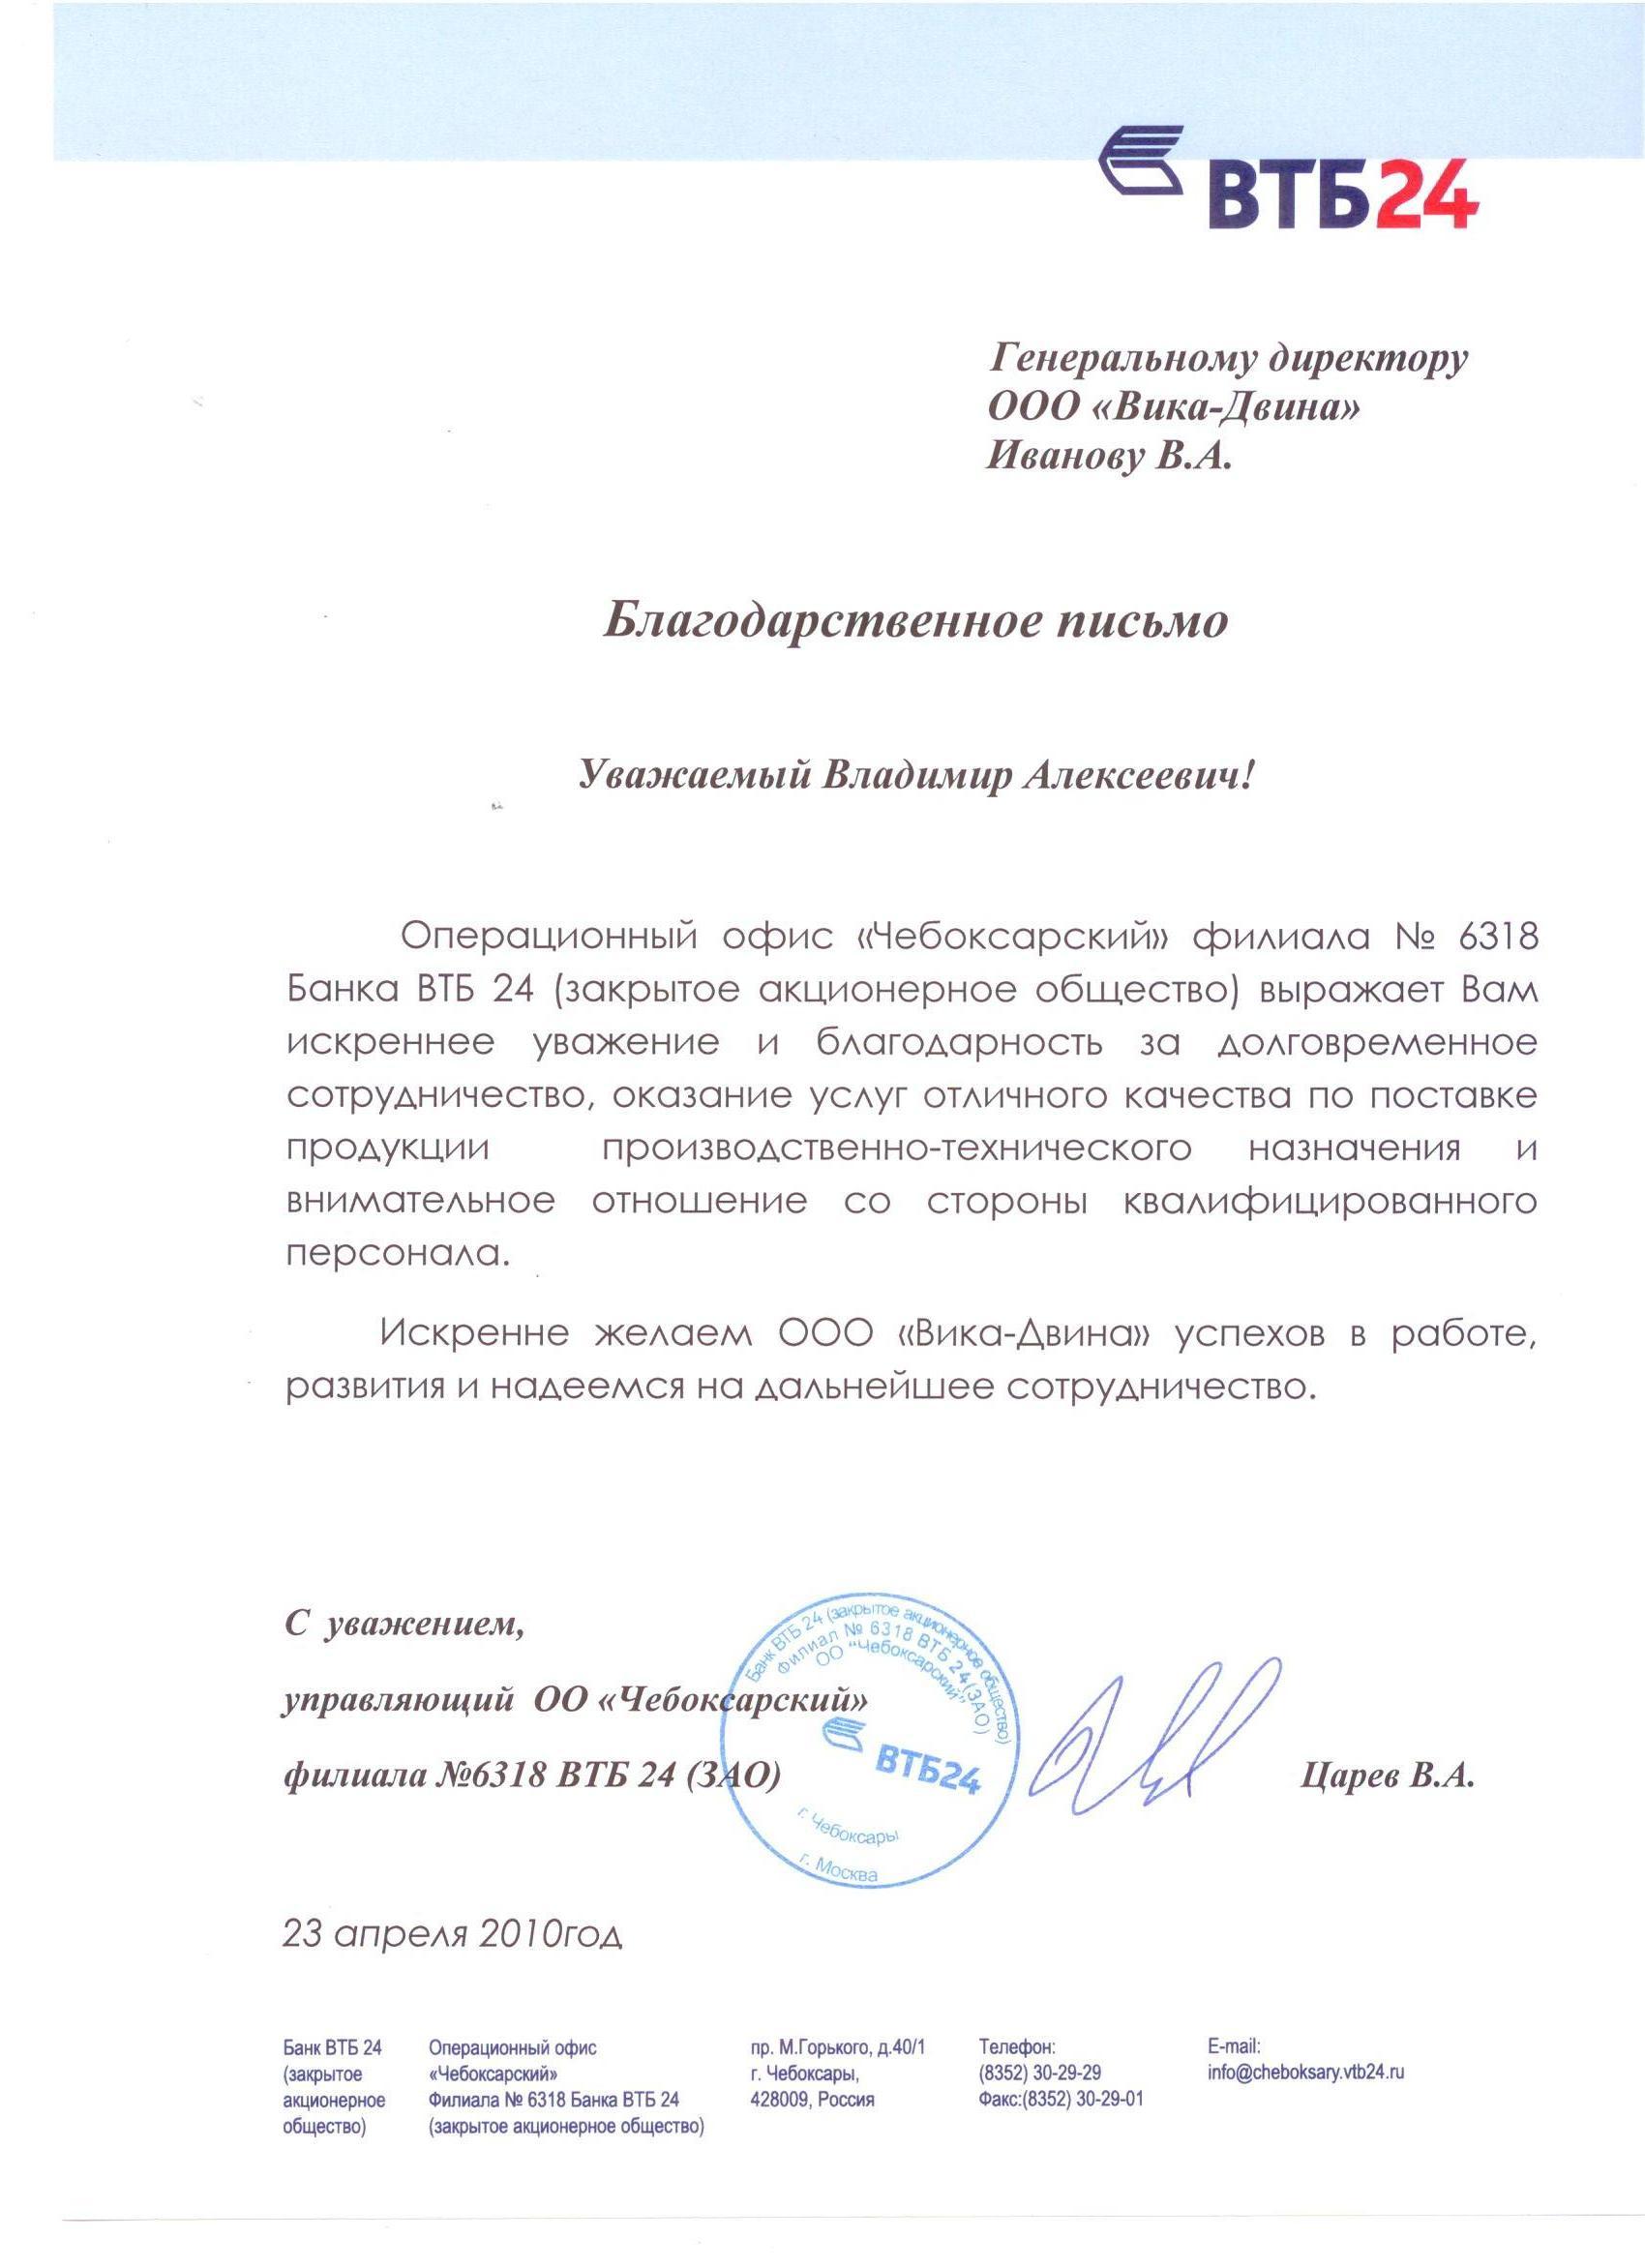 ООО «Чебоксарский» филиала №6318 ВТБ 24 (ЗАО)